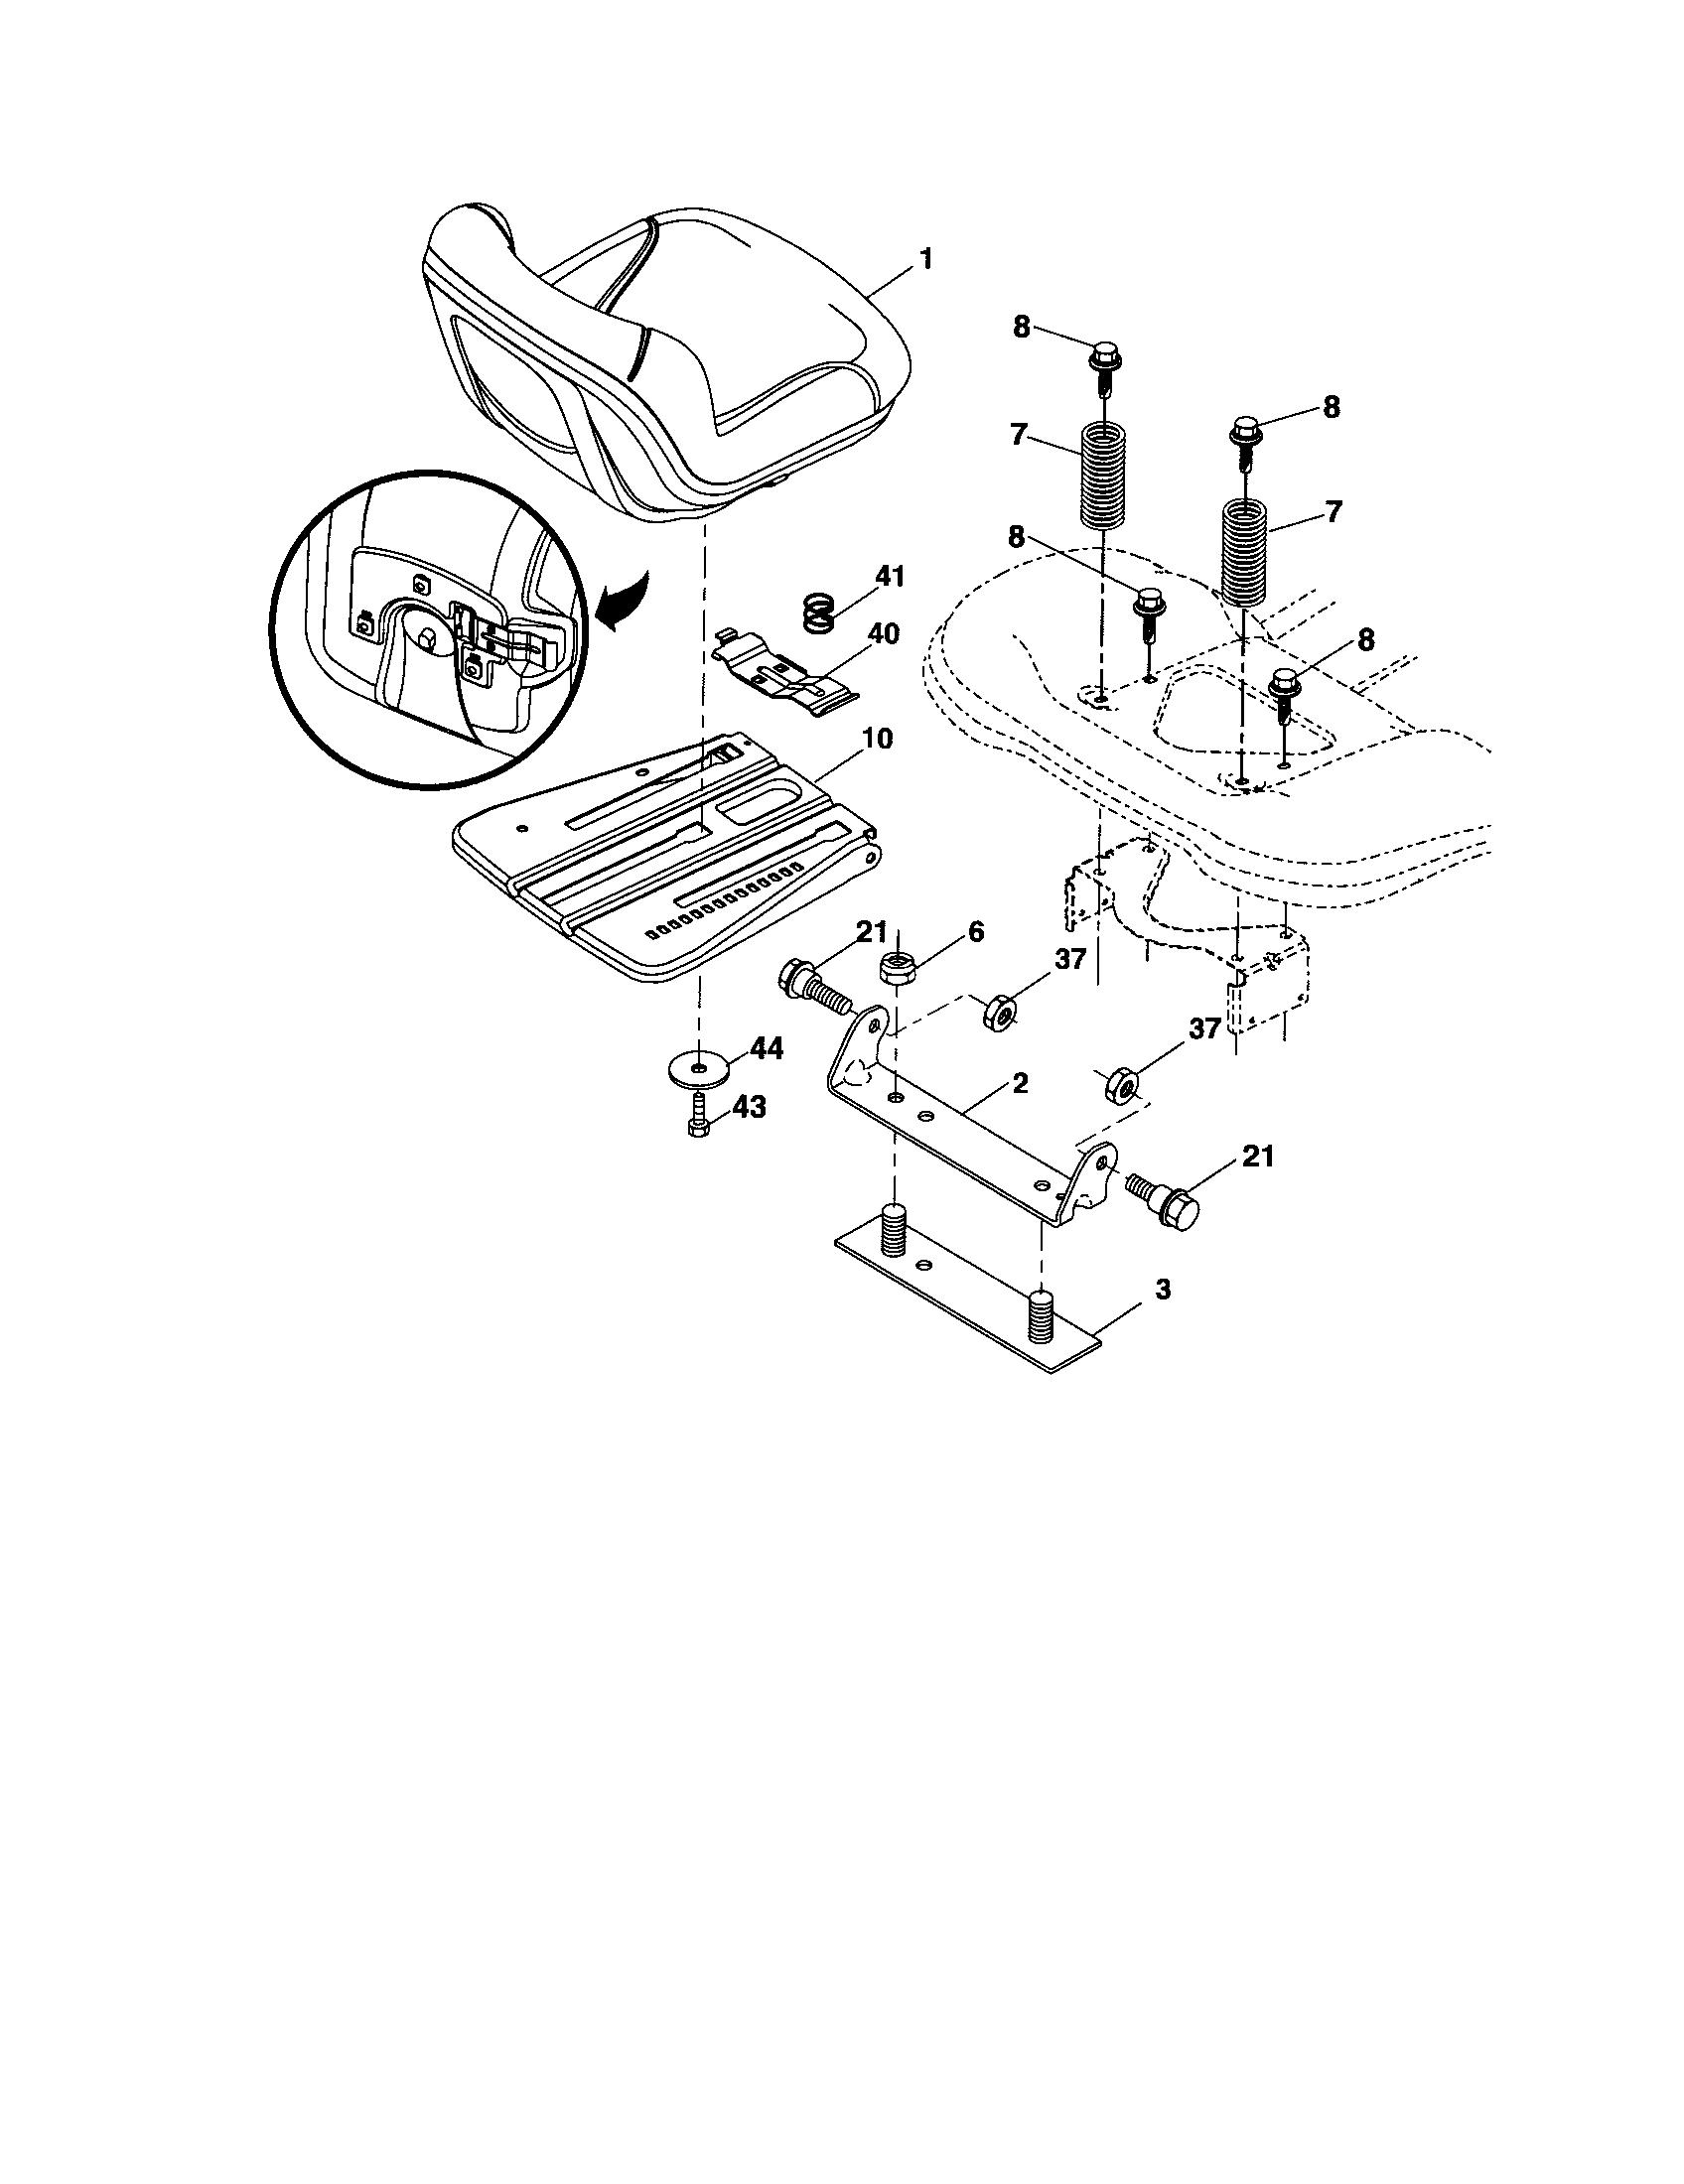 Craftsman model 917289070 lawn, tractor genuine parts